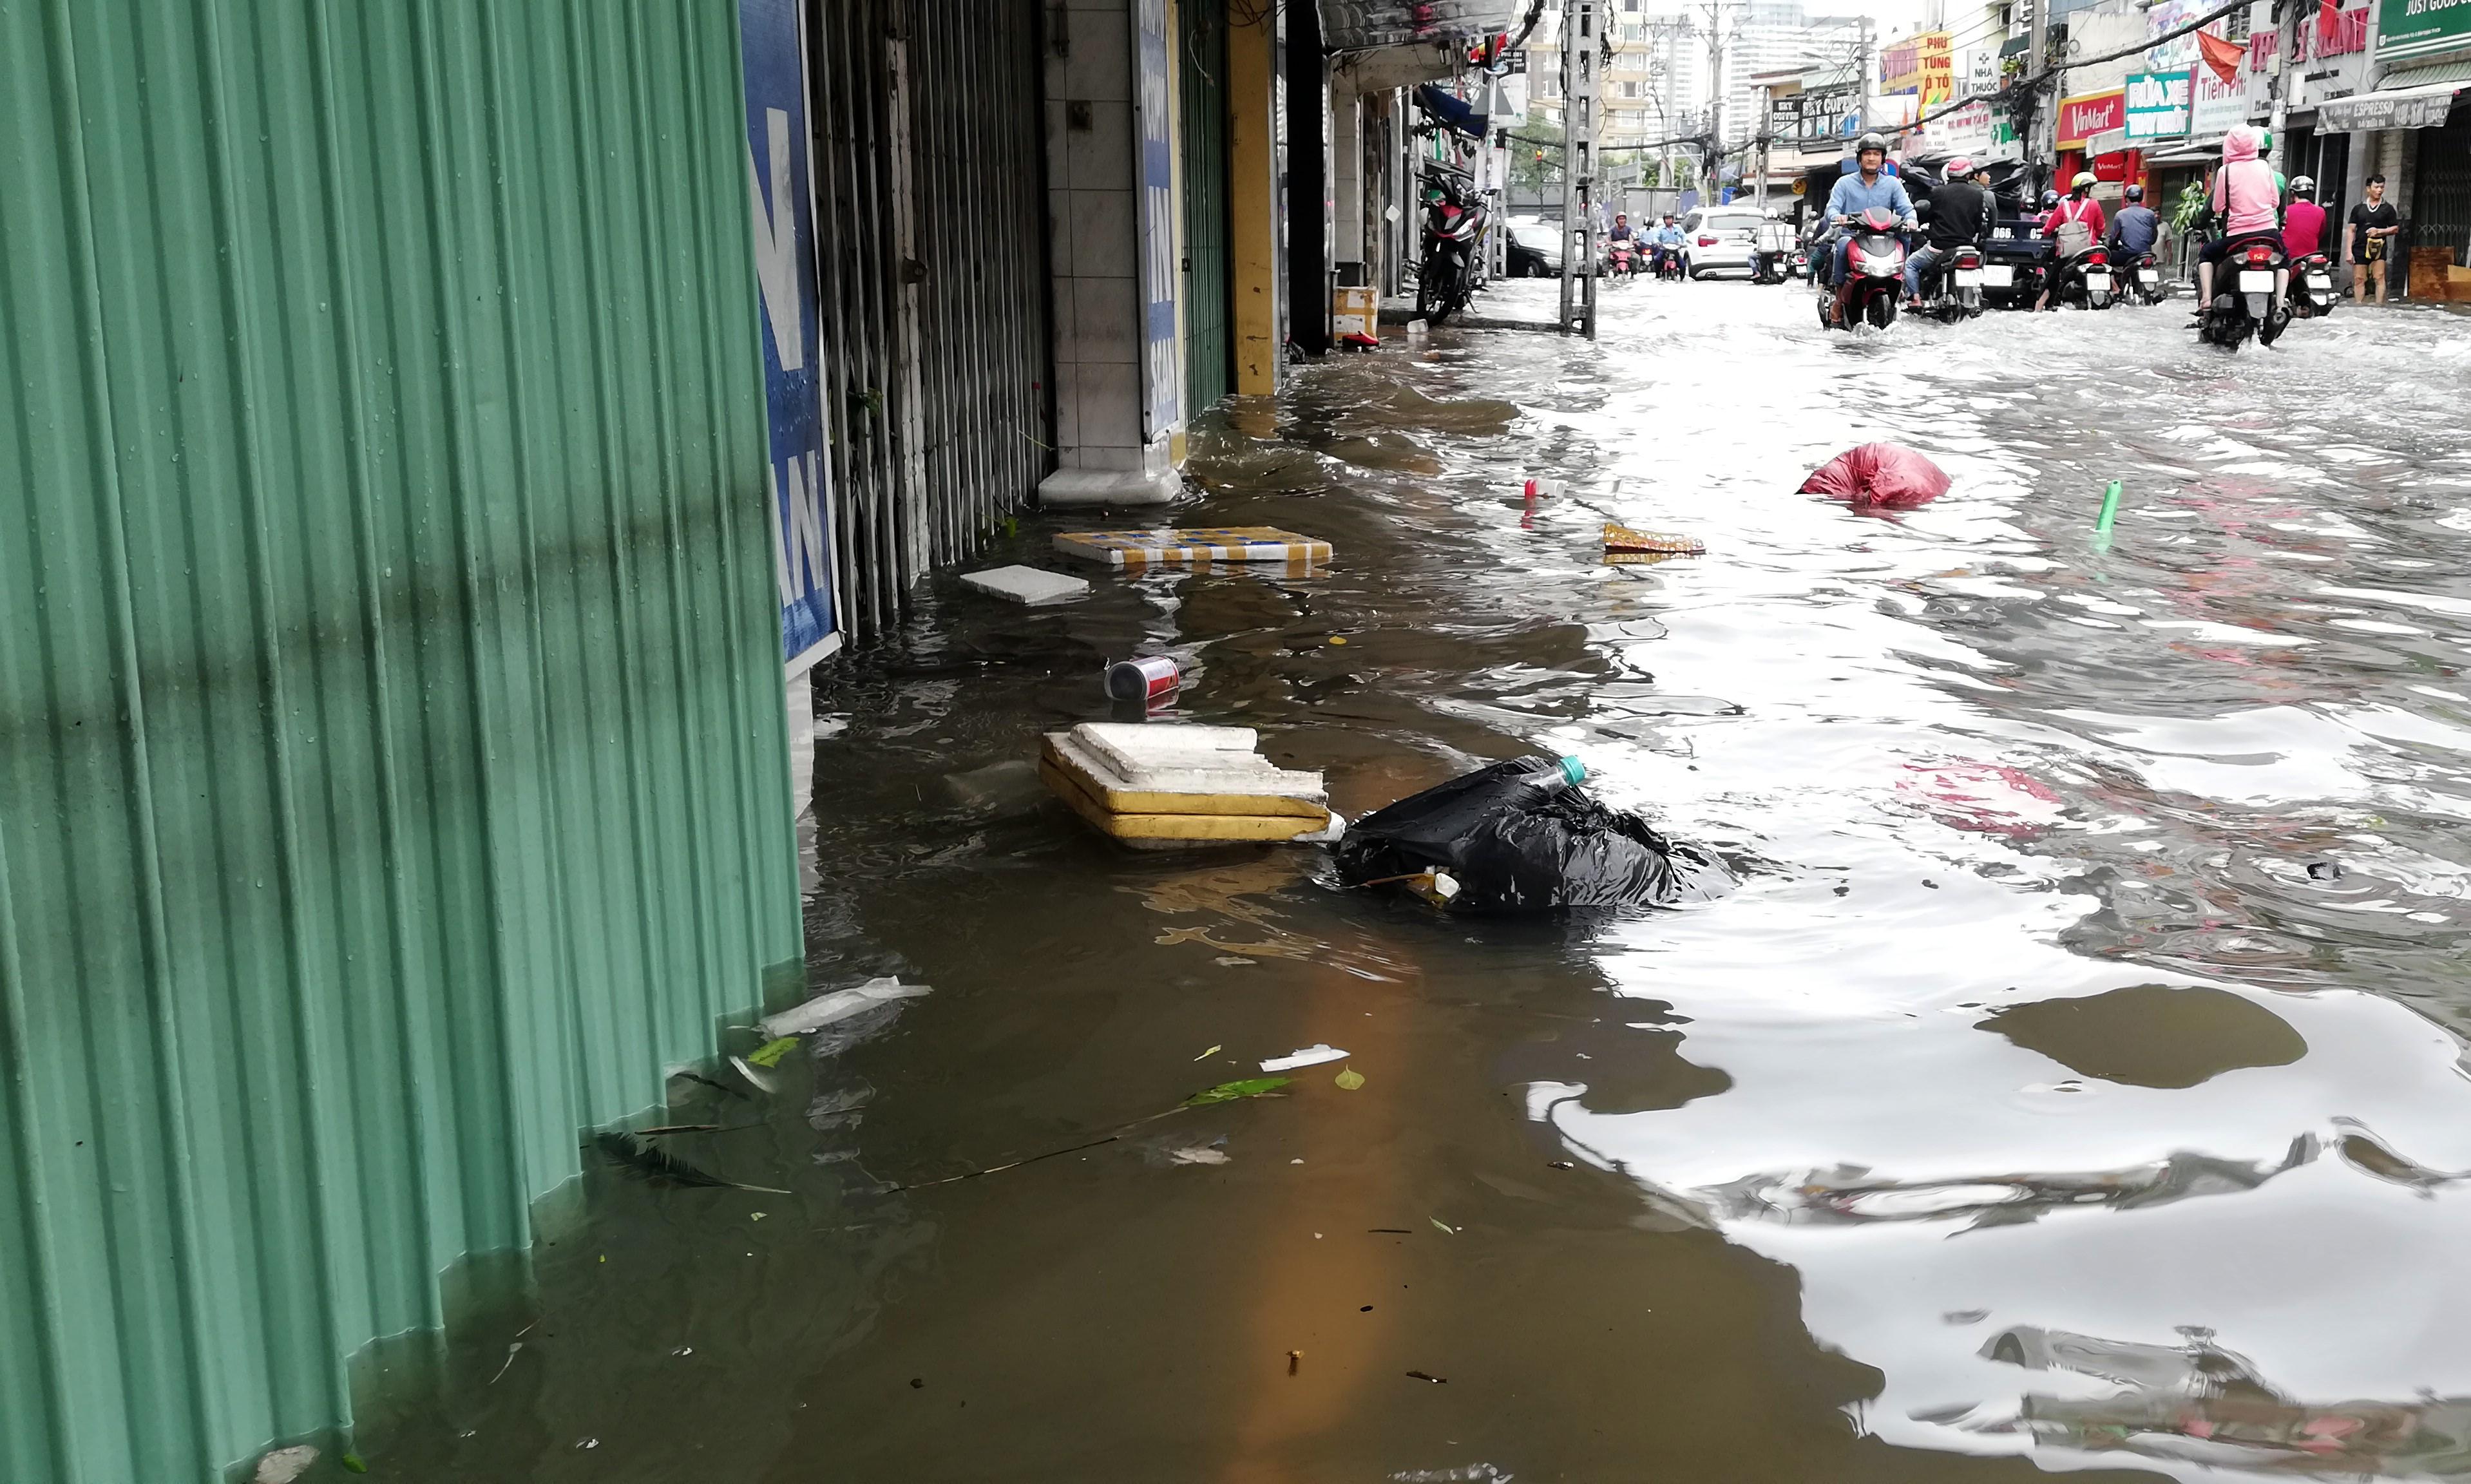 Sau một đêm tơi tả trong bão lịch sử, người Sài Gòn tiếp tục thở không ra hơi vì ngập nước kẹt xe nhiều giờ - Ảnh 16